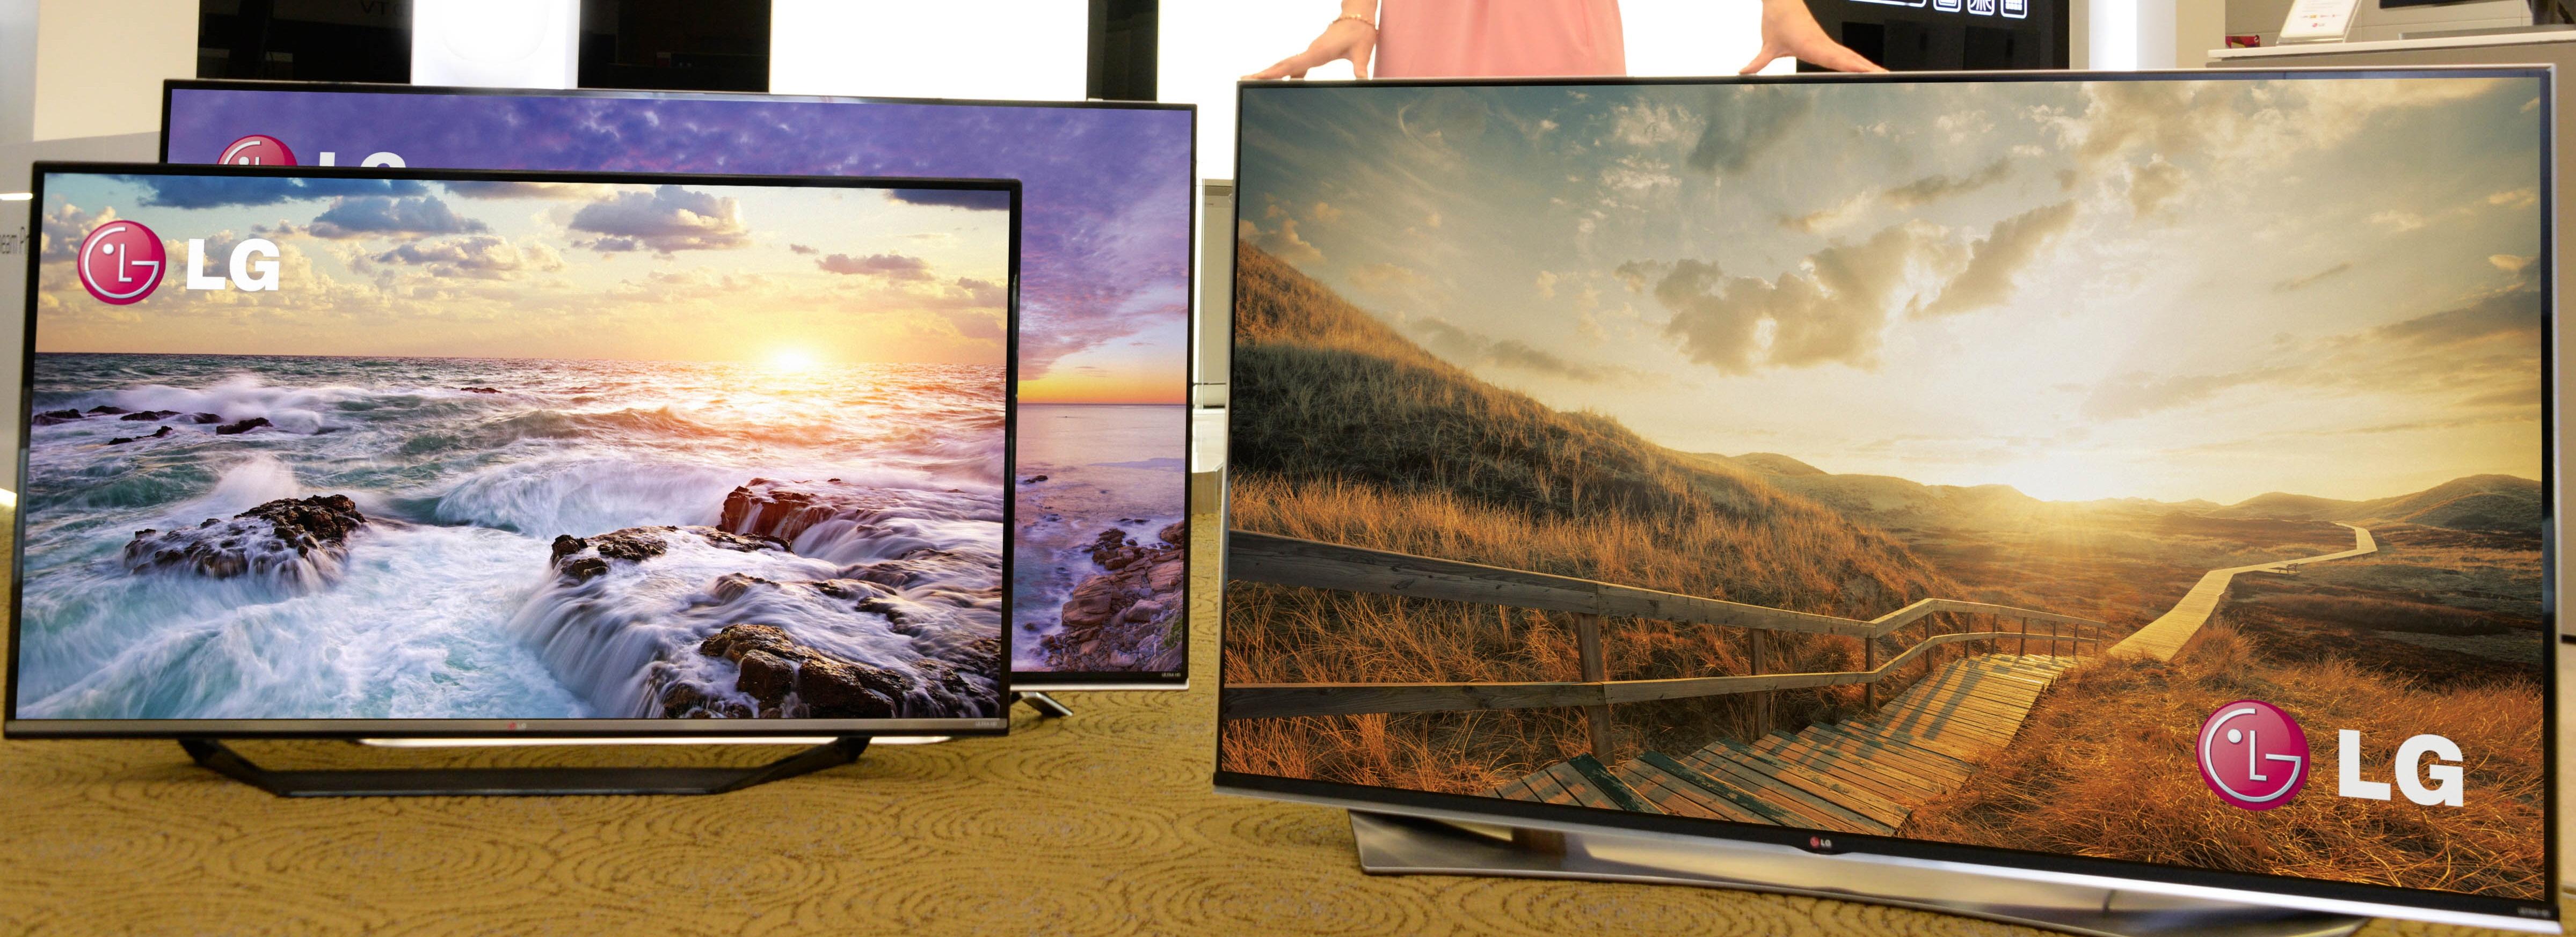 TV a schermo Curvo, Piatto o Flessibile? Lg ne ha per tutti i gusti